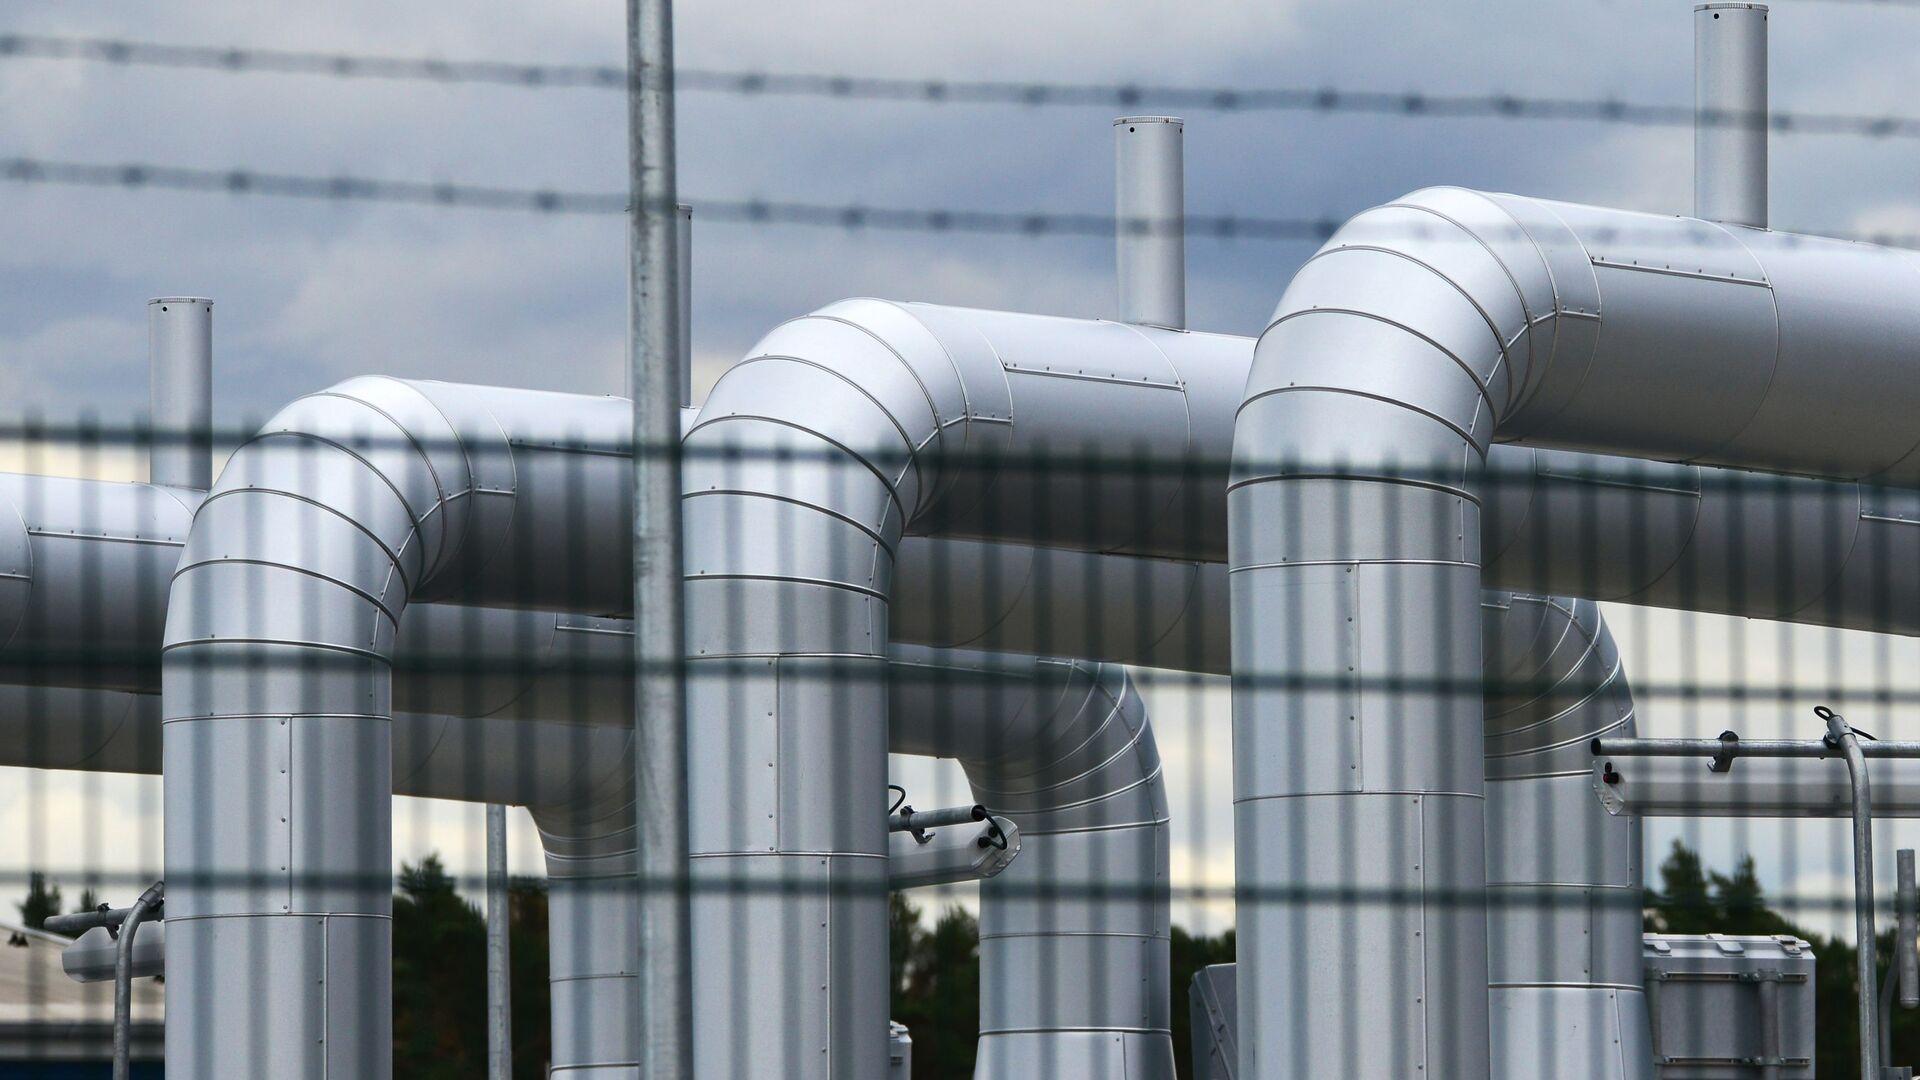 La construcción del gasoducto Nord Stream 2 - Sputnik Mundo, 1920, 31.03.2021